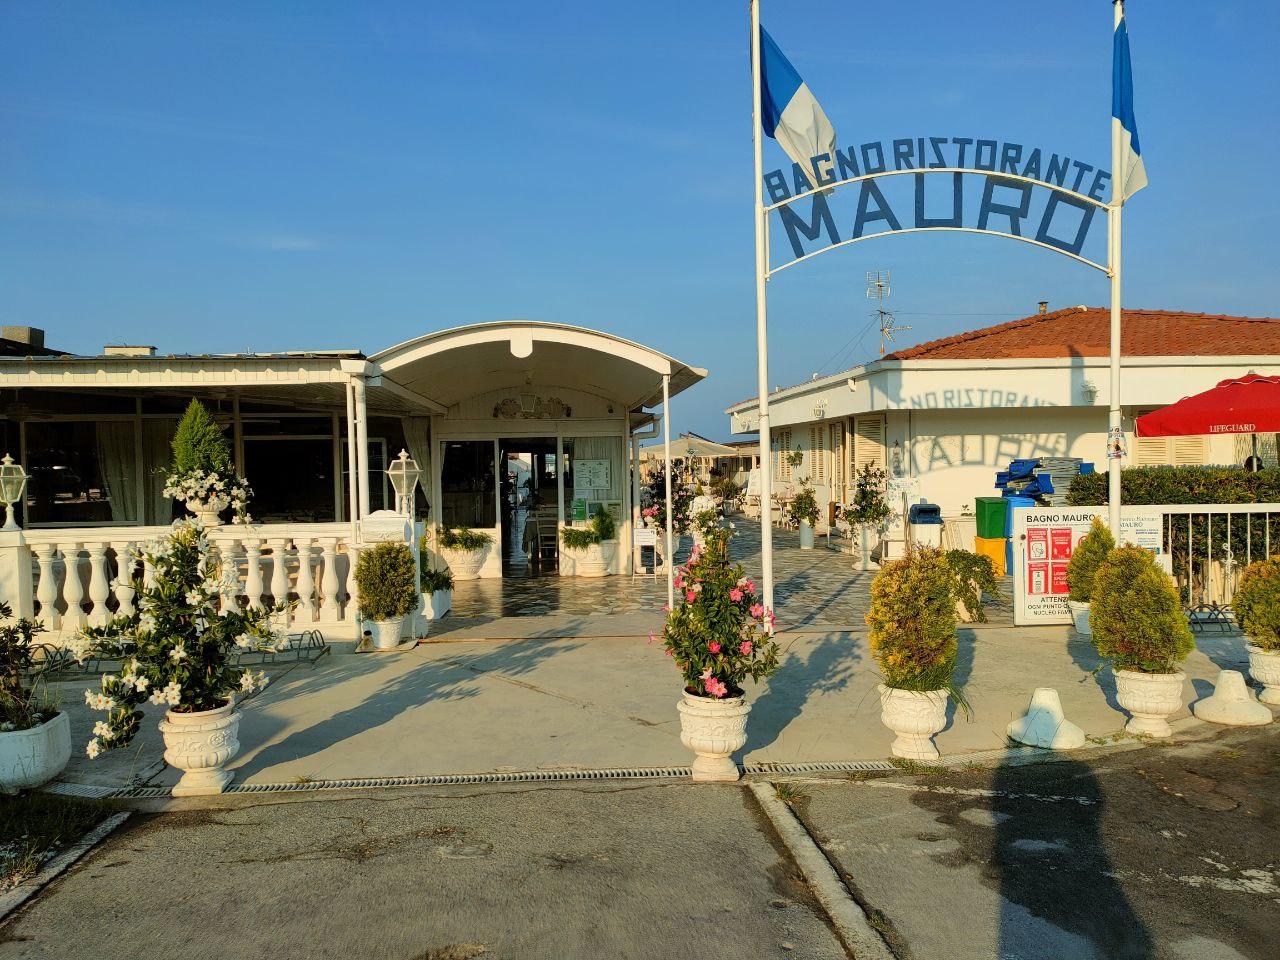 Bagno Mauro